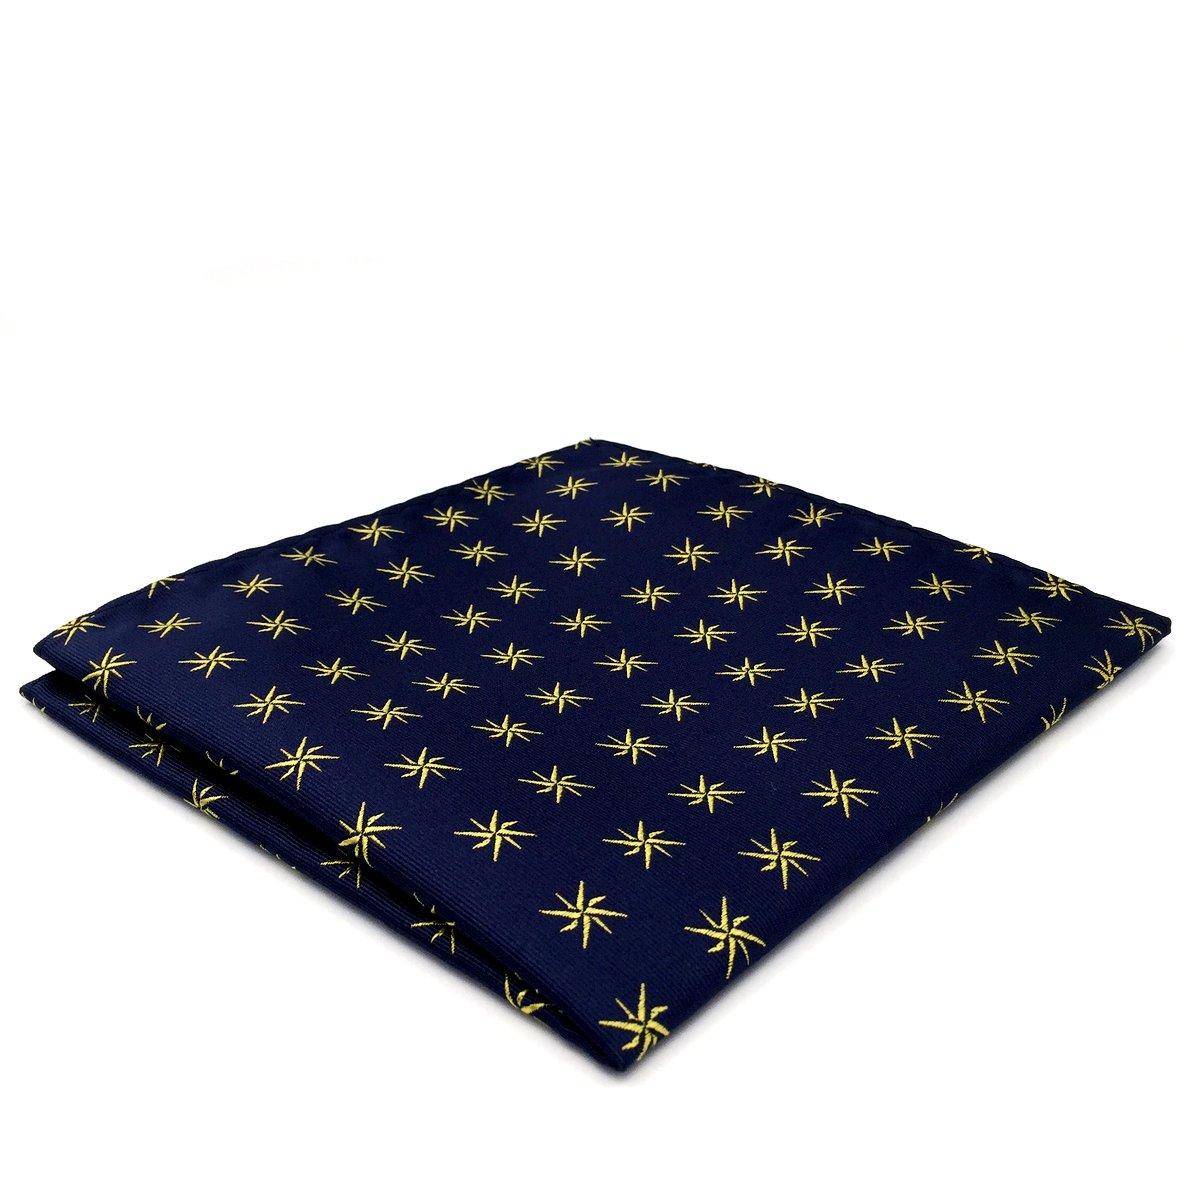 Shlax&Wing Hombre Seda Pañuelo De Bolsillo Para Traje De Negocios Azul Geométrico 32cm